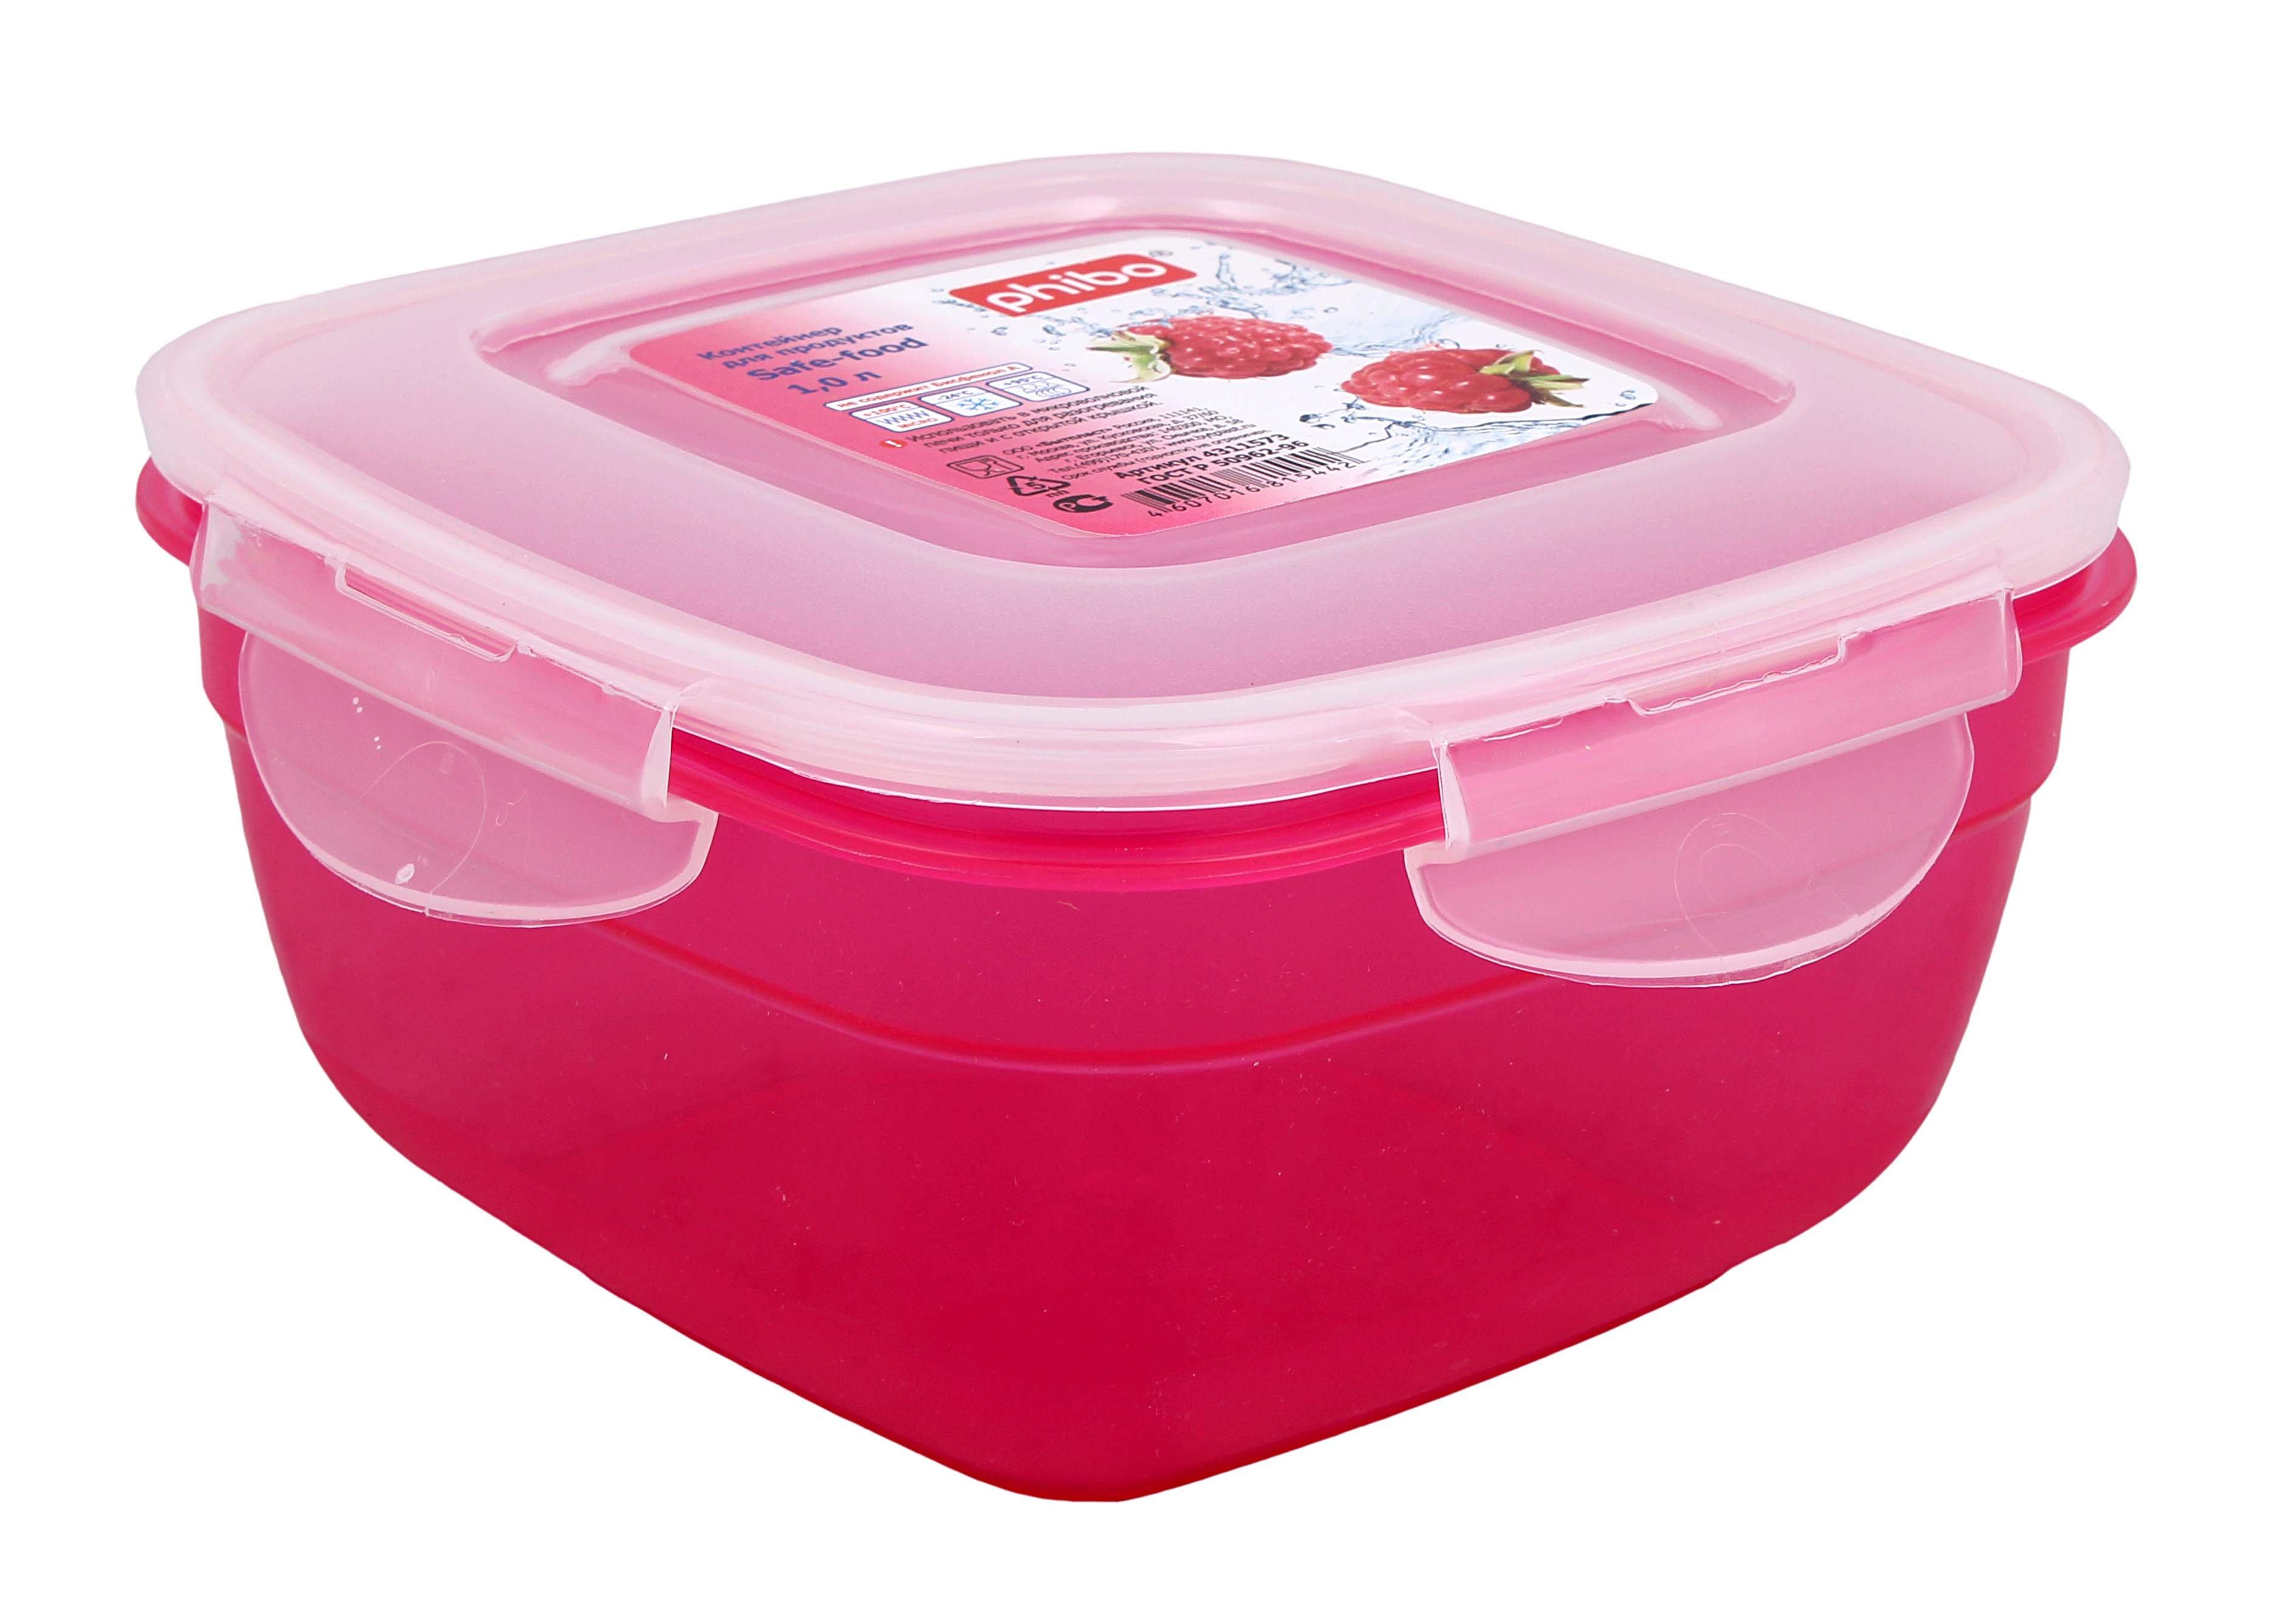 Контейнер Бытпласт с11573 контейнер для продуктов свч safe-food квадр. 1.0л